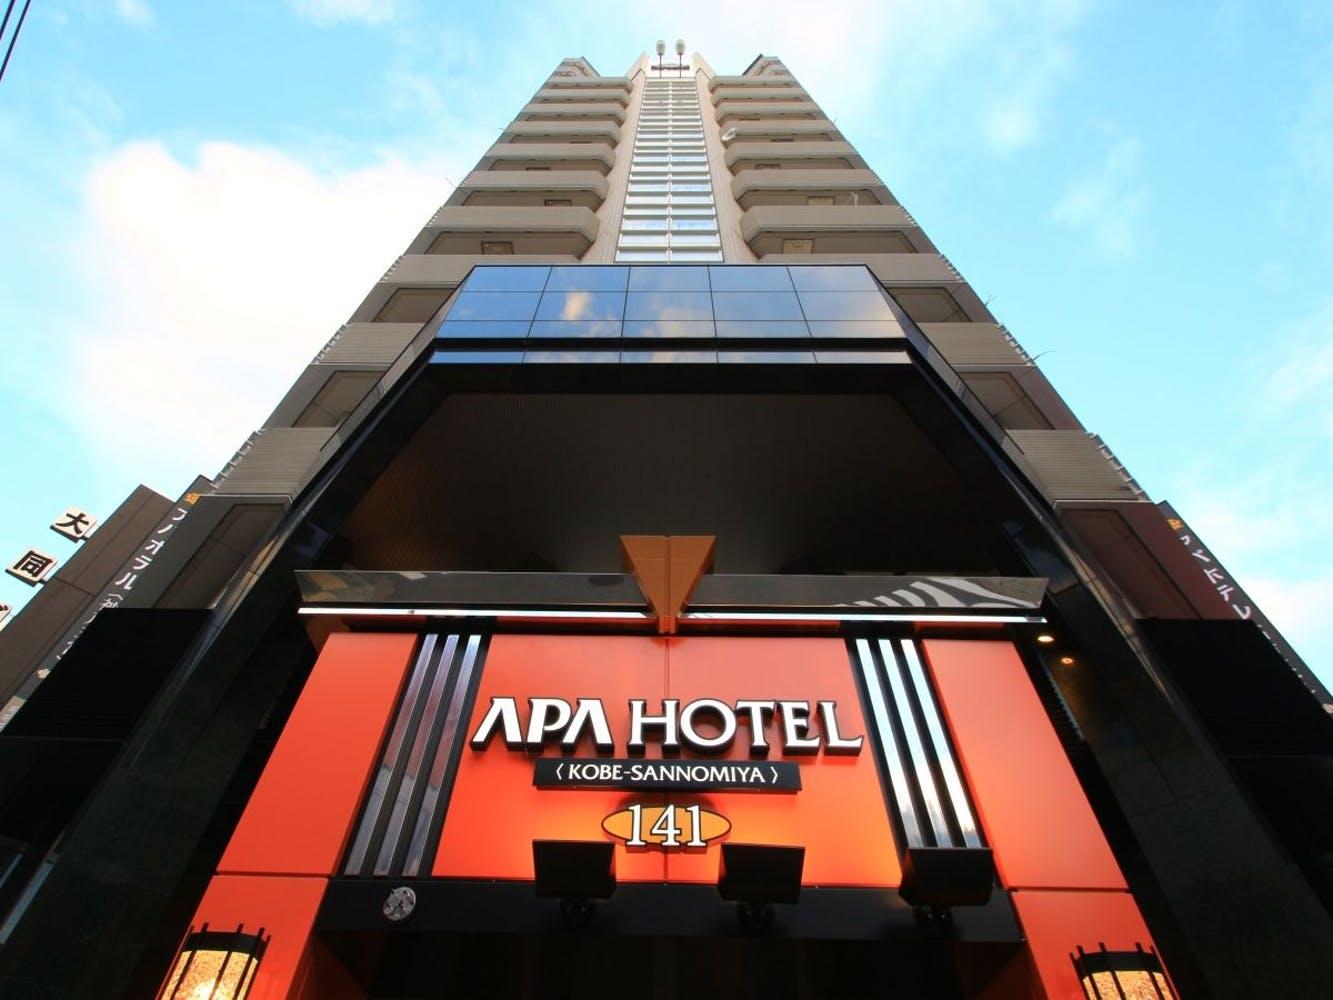 アパホテル〈神戸三宮〉 写真1